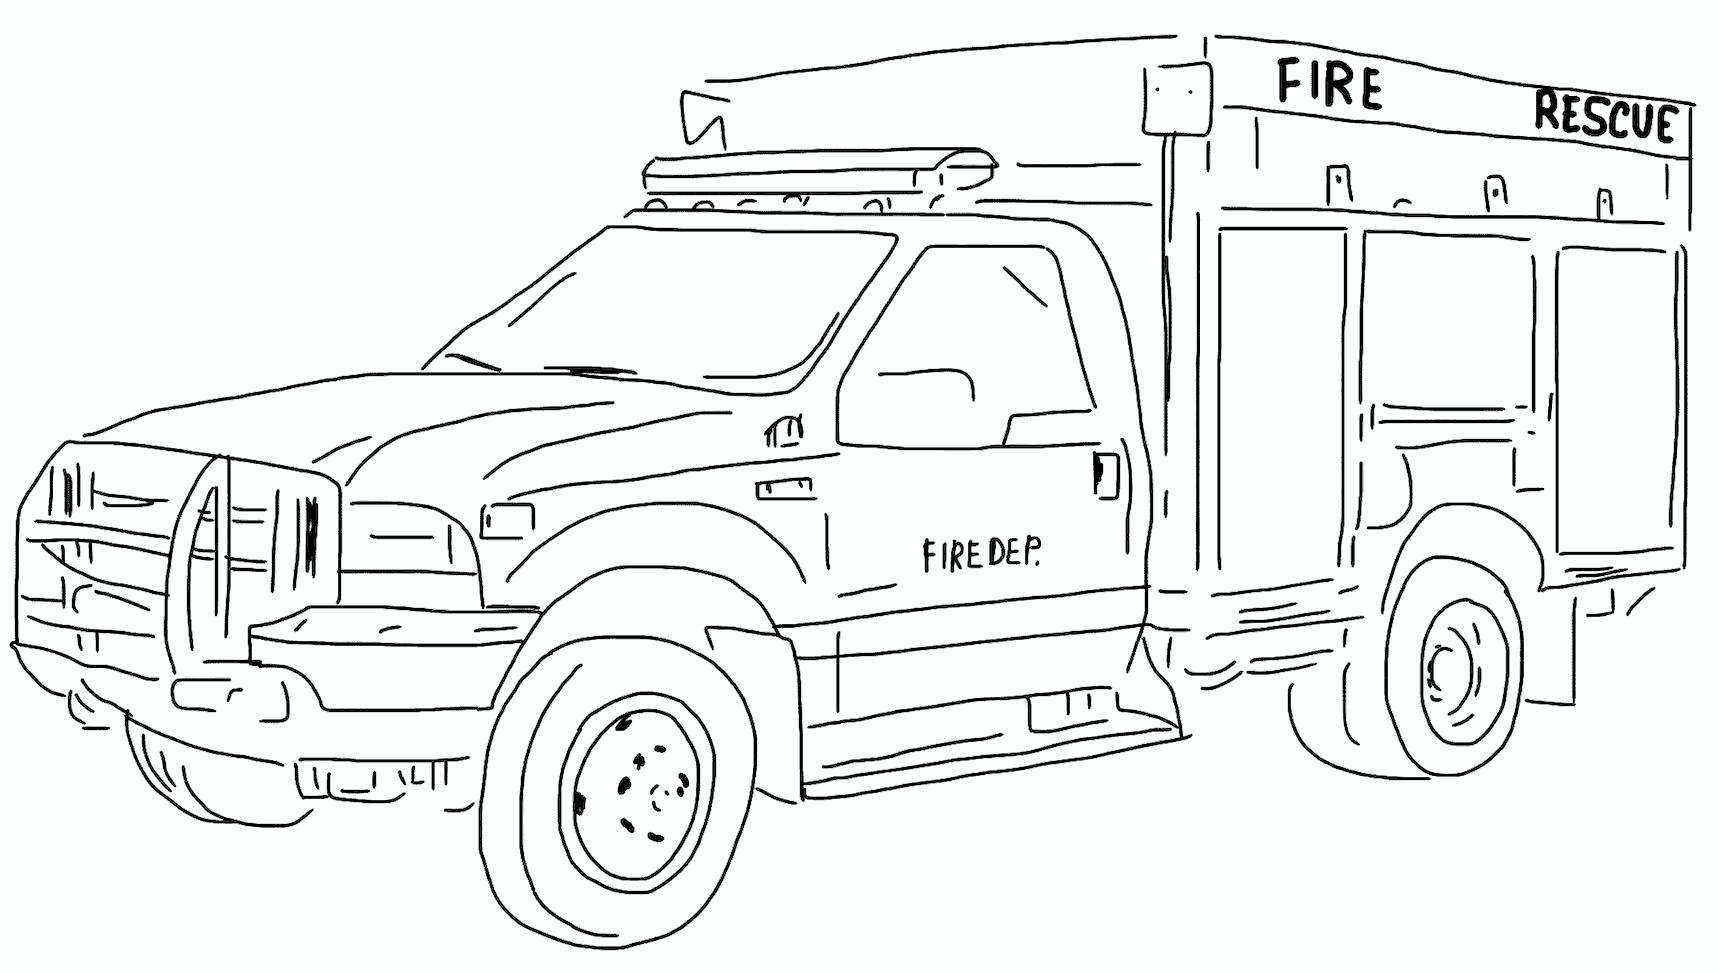 Firetec Wants List